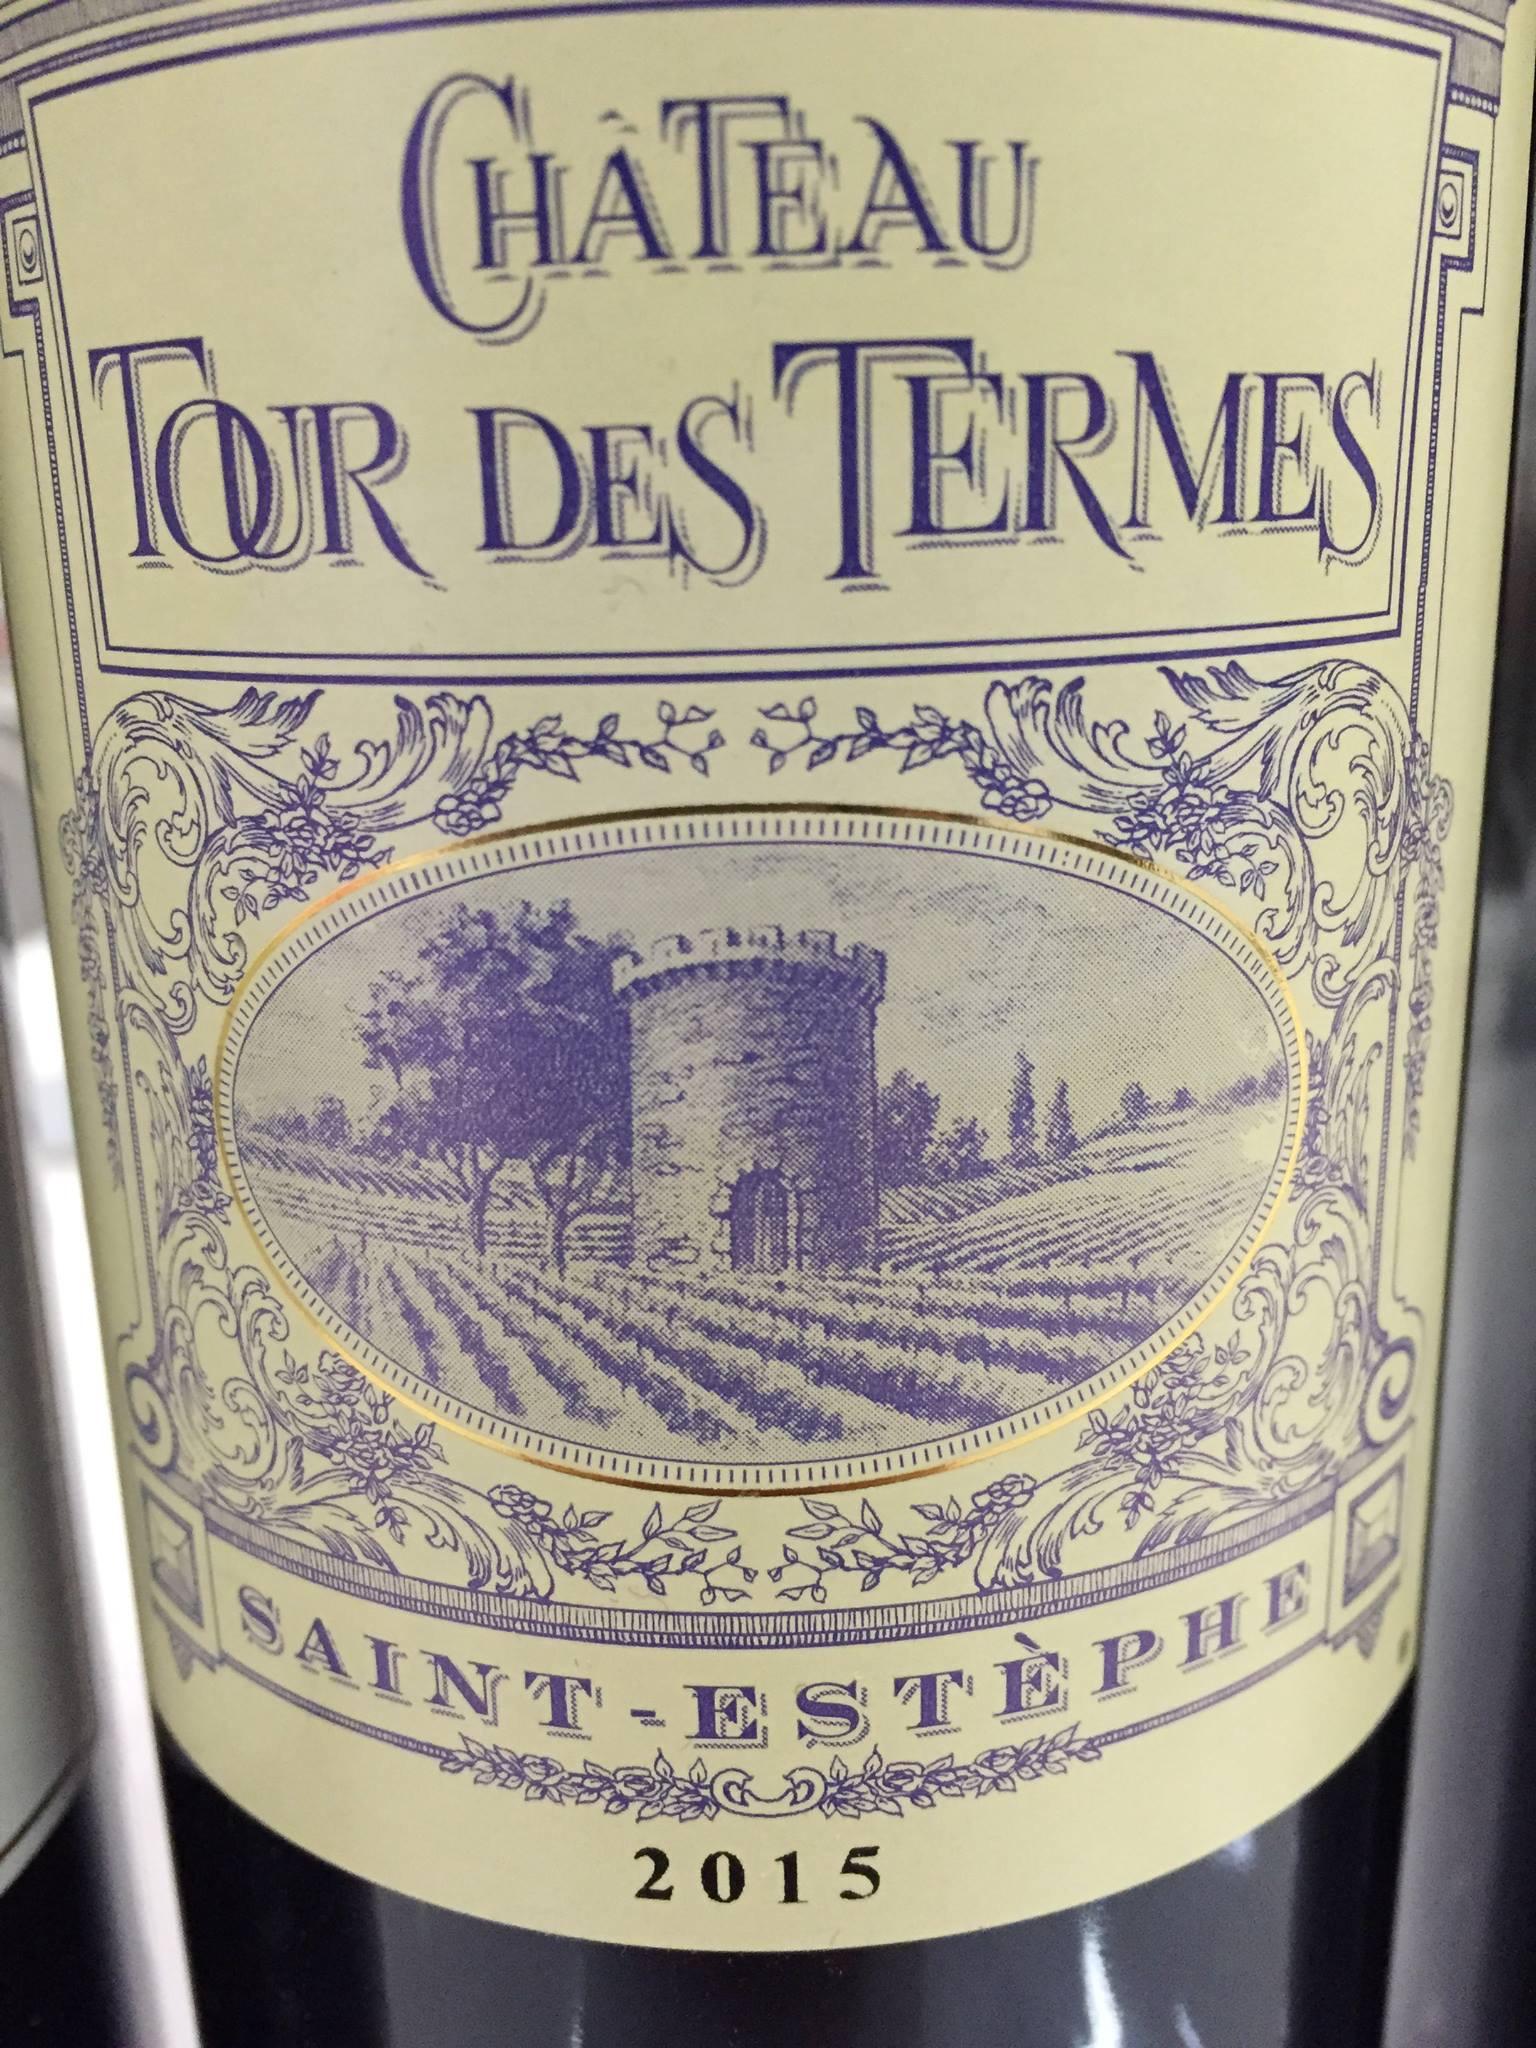 Château Tour des Termes 2015 – Saint-Estèphe